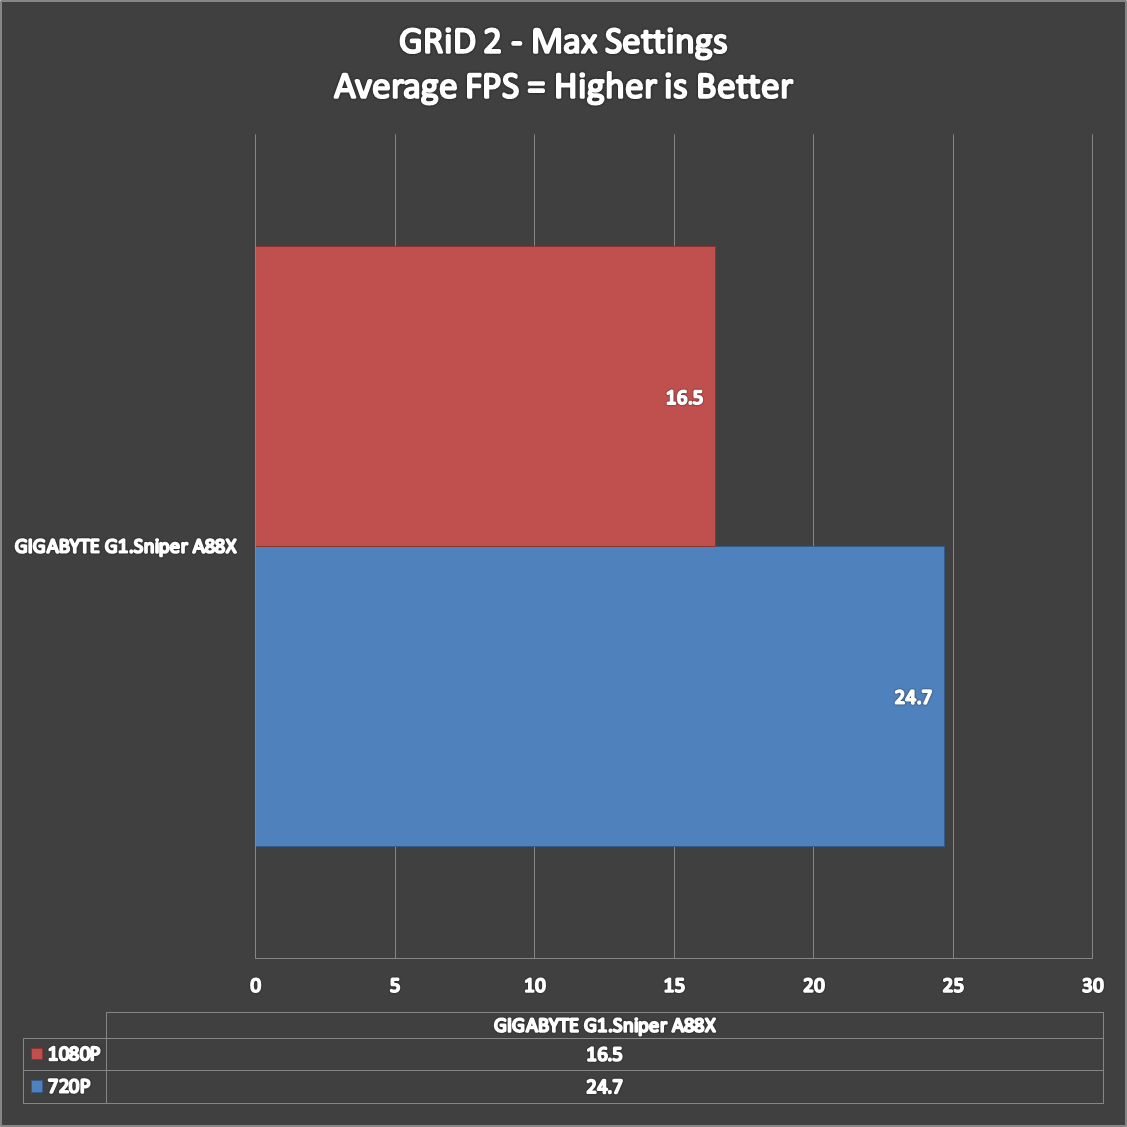 GIGABYTE-G1.Sniper-A88X-Benchmarks-14